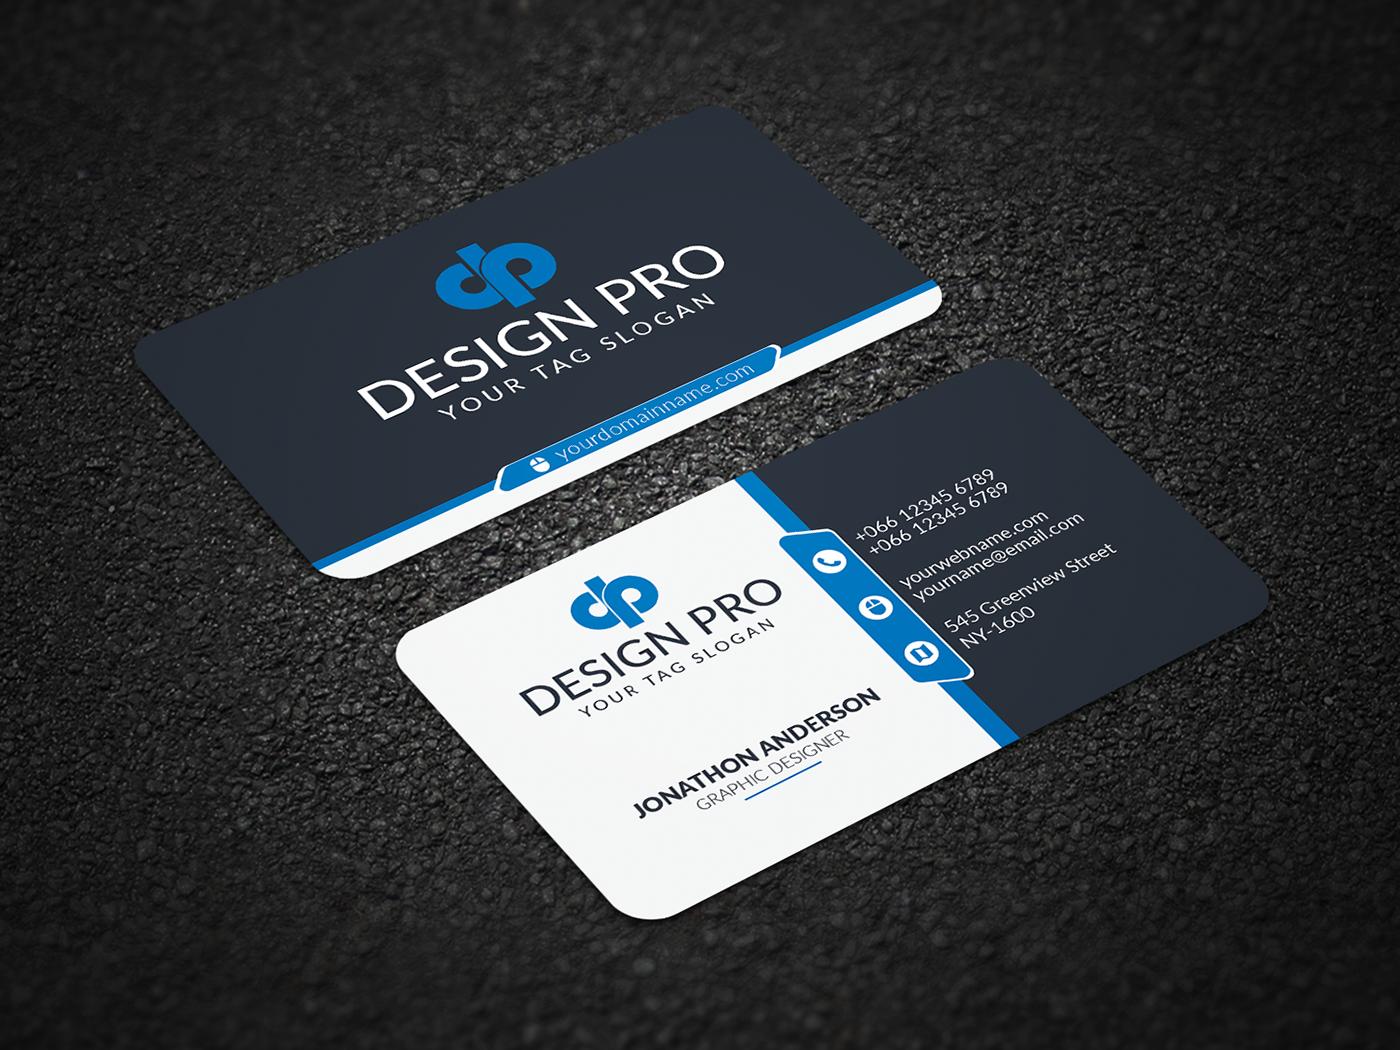 business card BUNİESS card visiting card modern business Corporate Business Card corporate Business card design